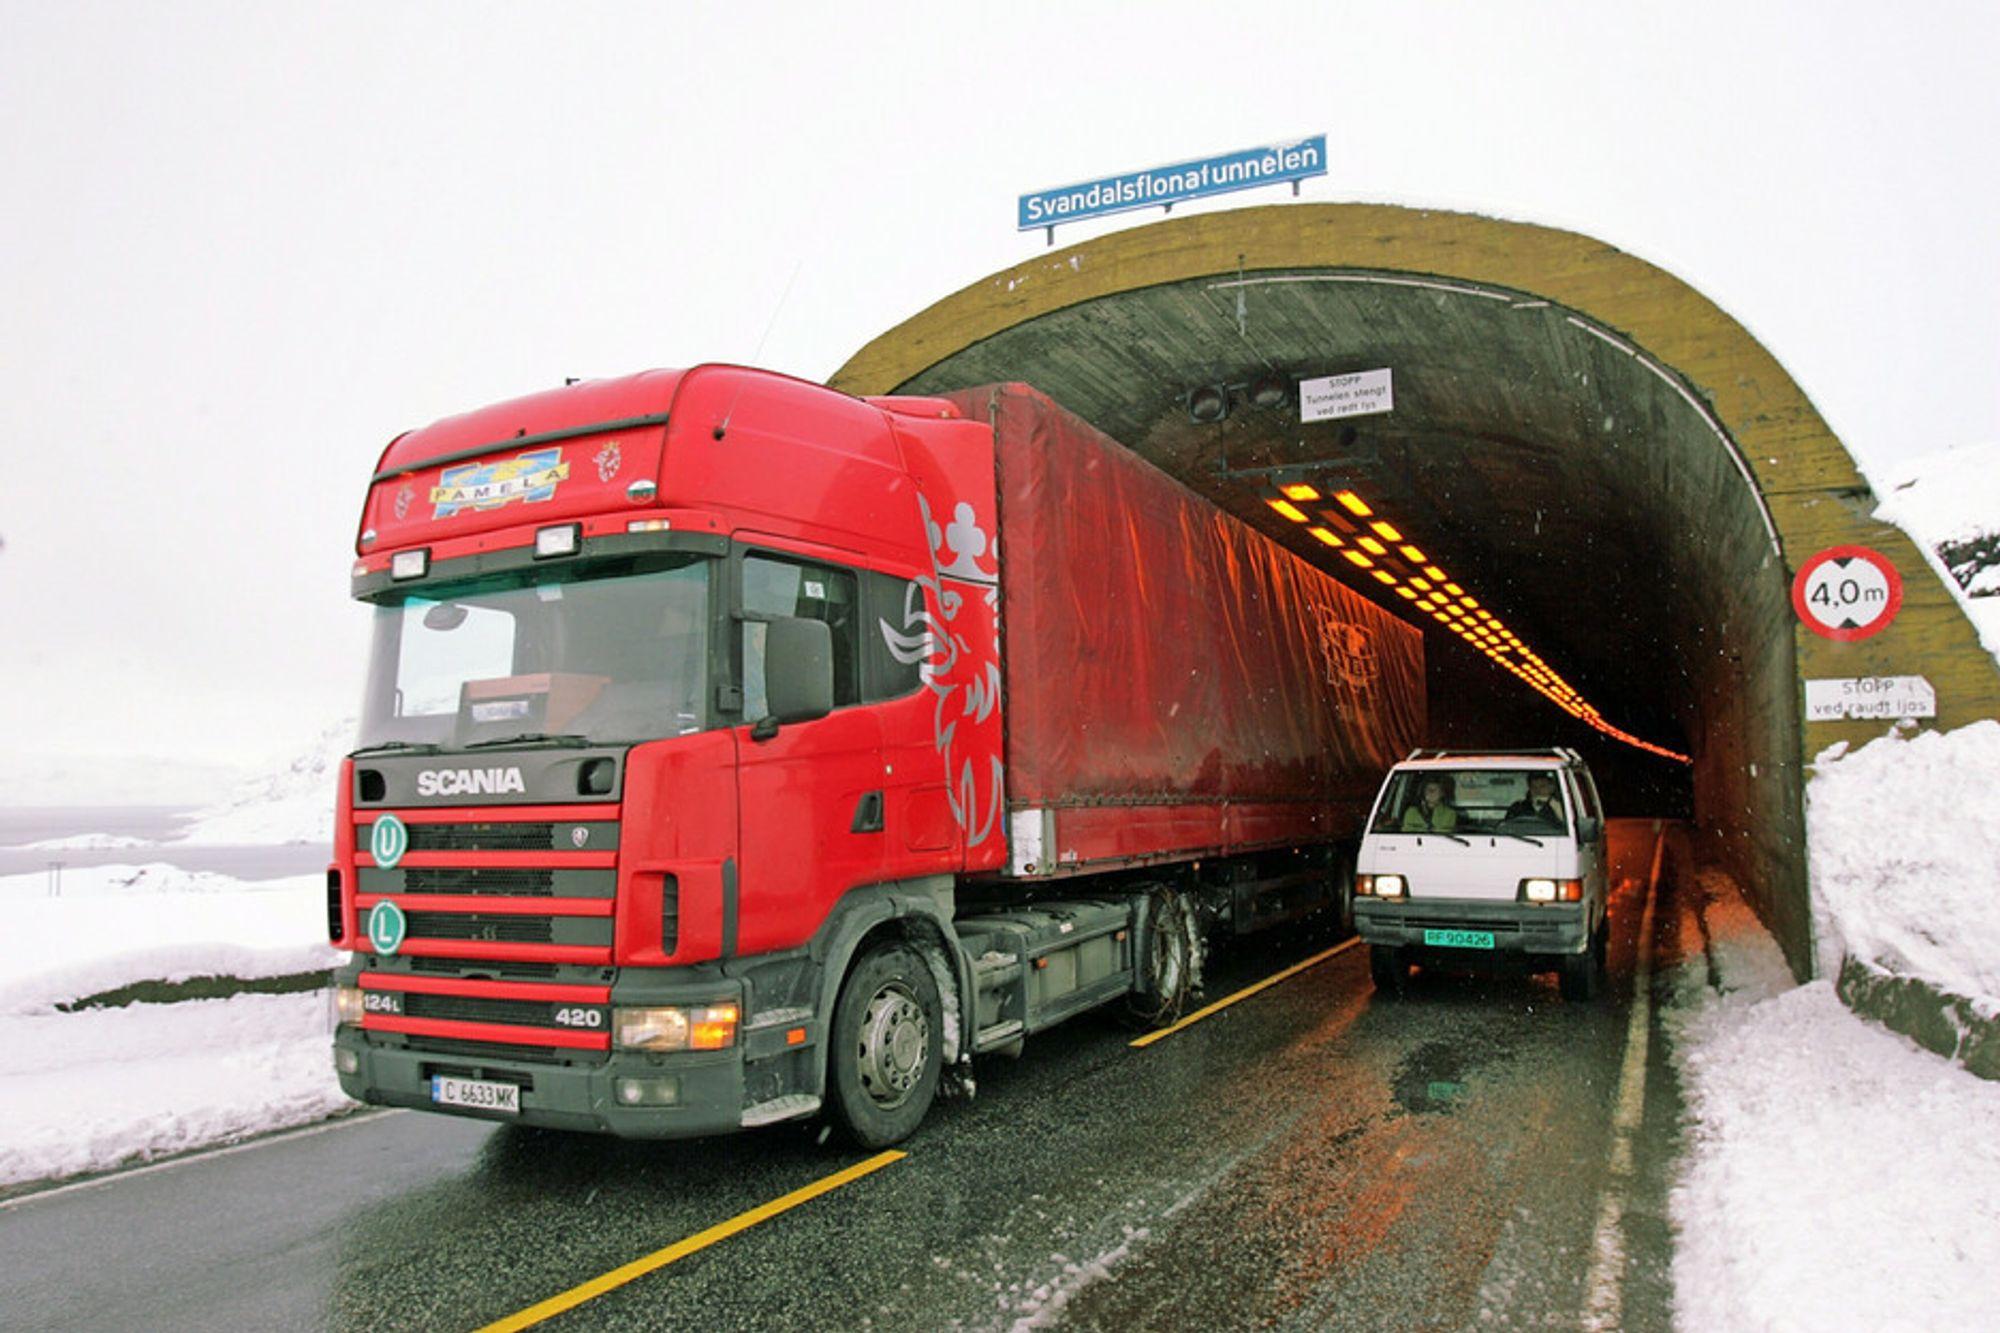 Farlig situasjon på E 134: En bil på veg ut av Svandalsflonatunnelen passerer et utenlandsk vogntog som ligger helt ute mot midtlinjen. Nå blir tunnelen utvidet i høyden for å unngå slike situasjoner